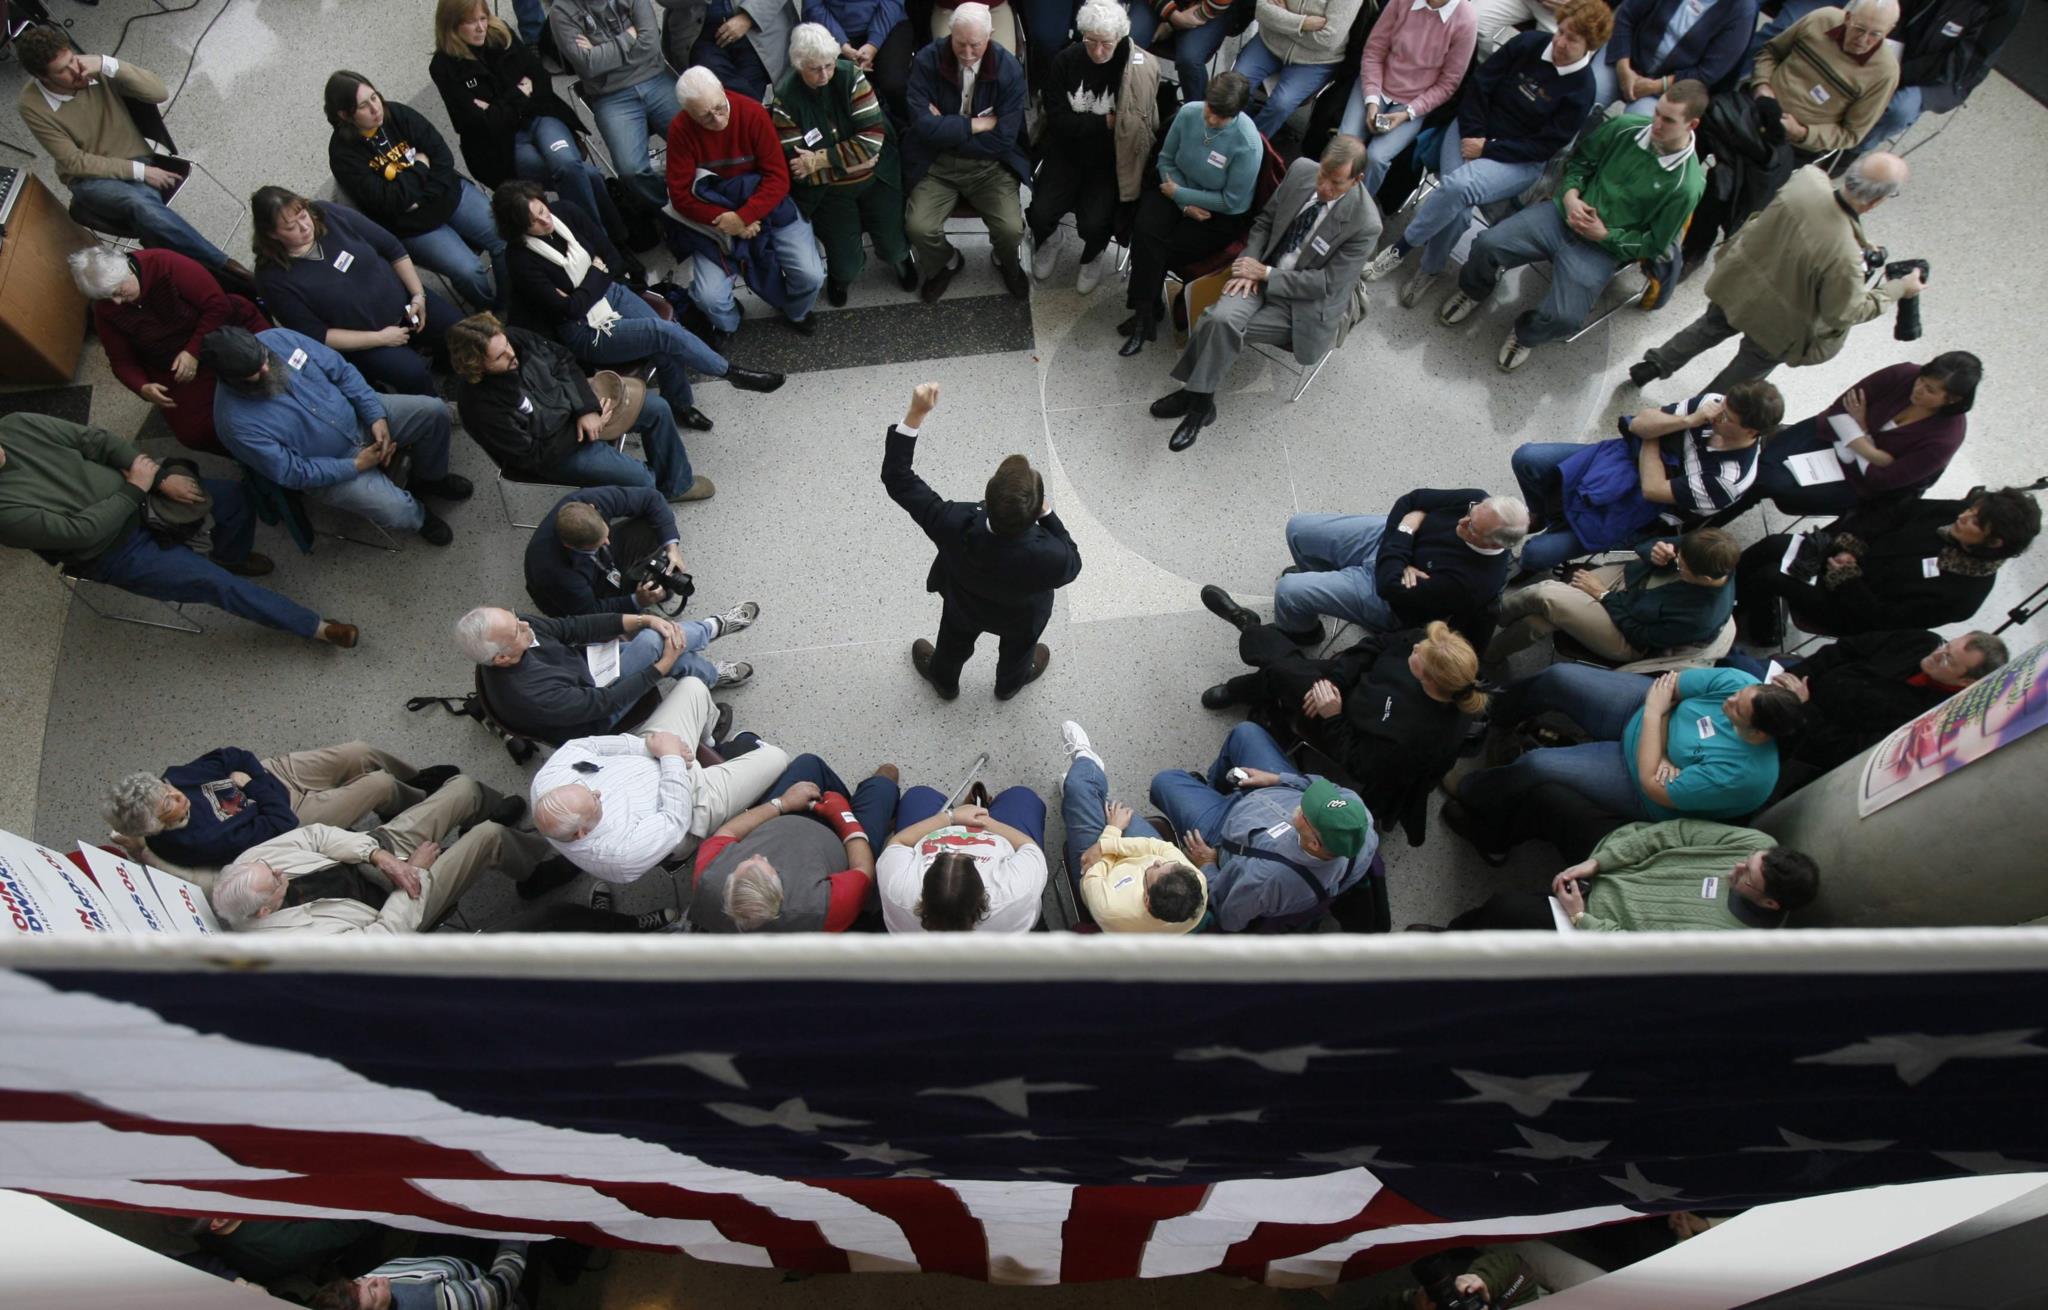 REUTERS/John Gress